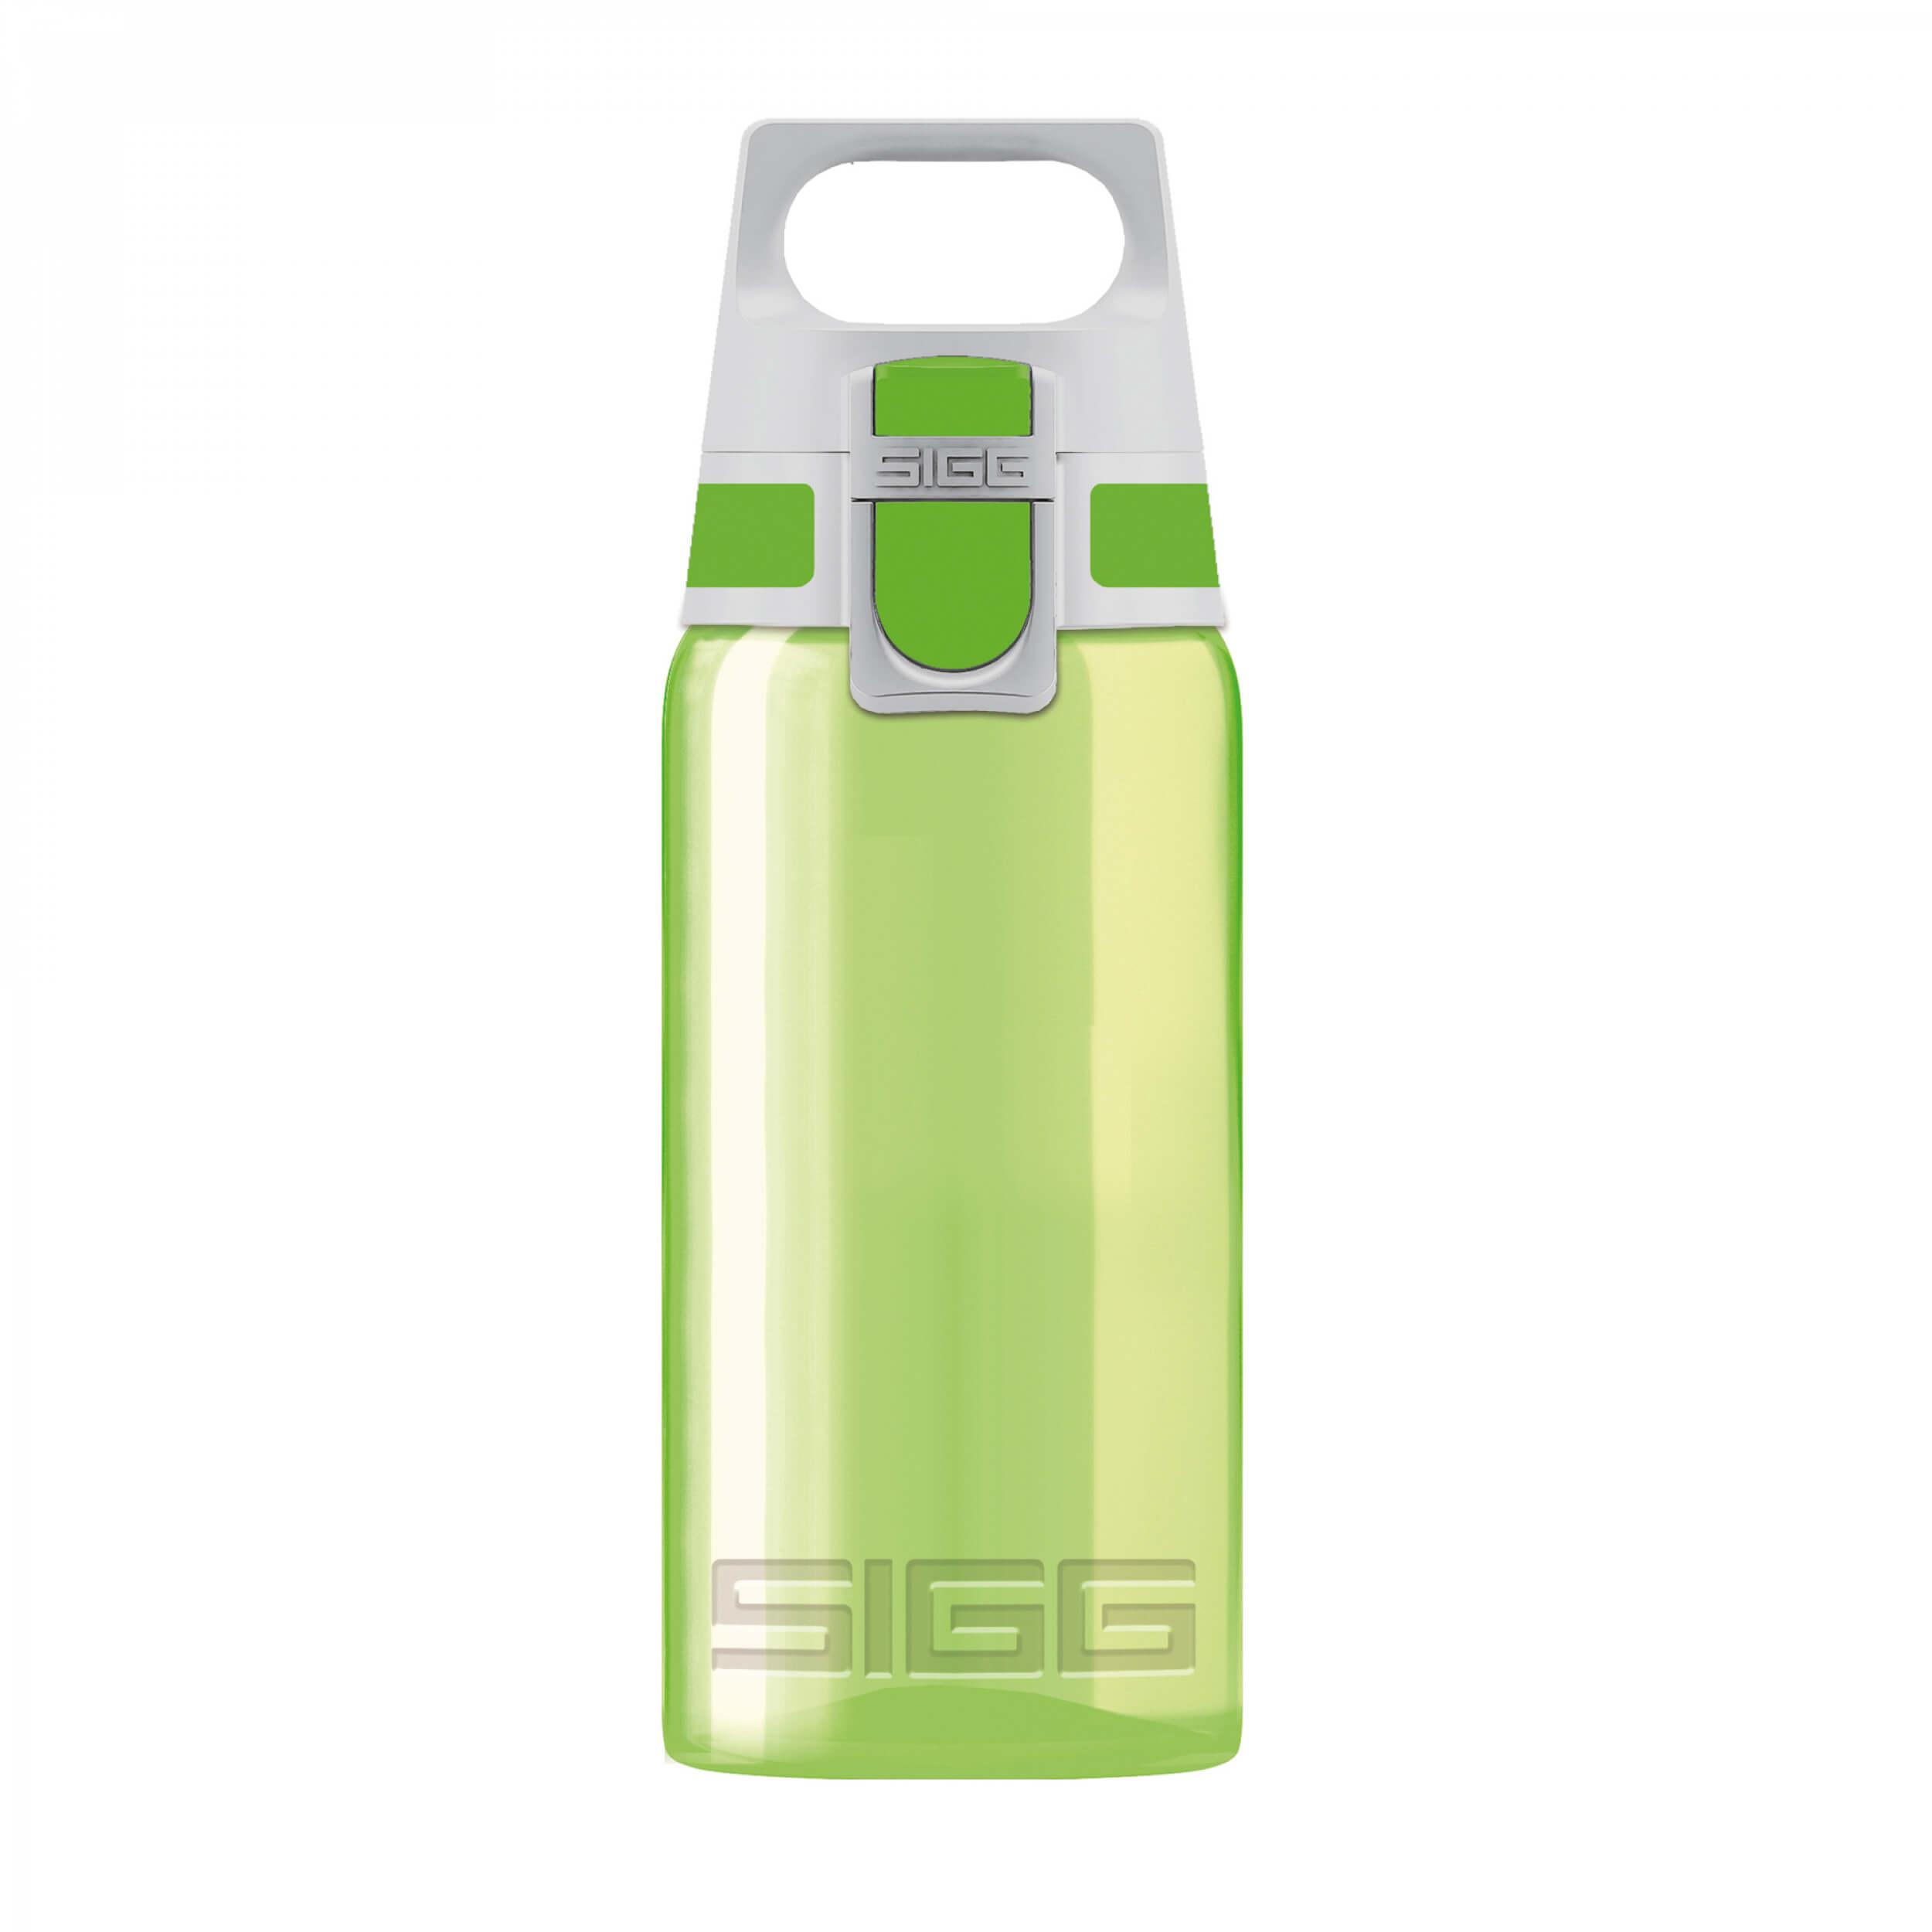 SIGG Trinkflasche Viva One 0,5L grün